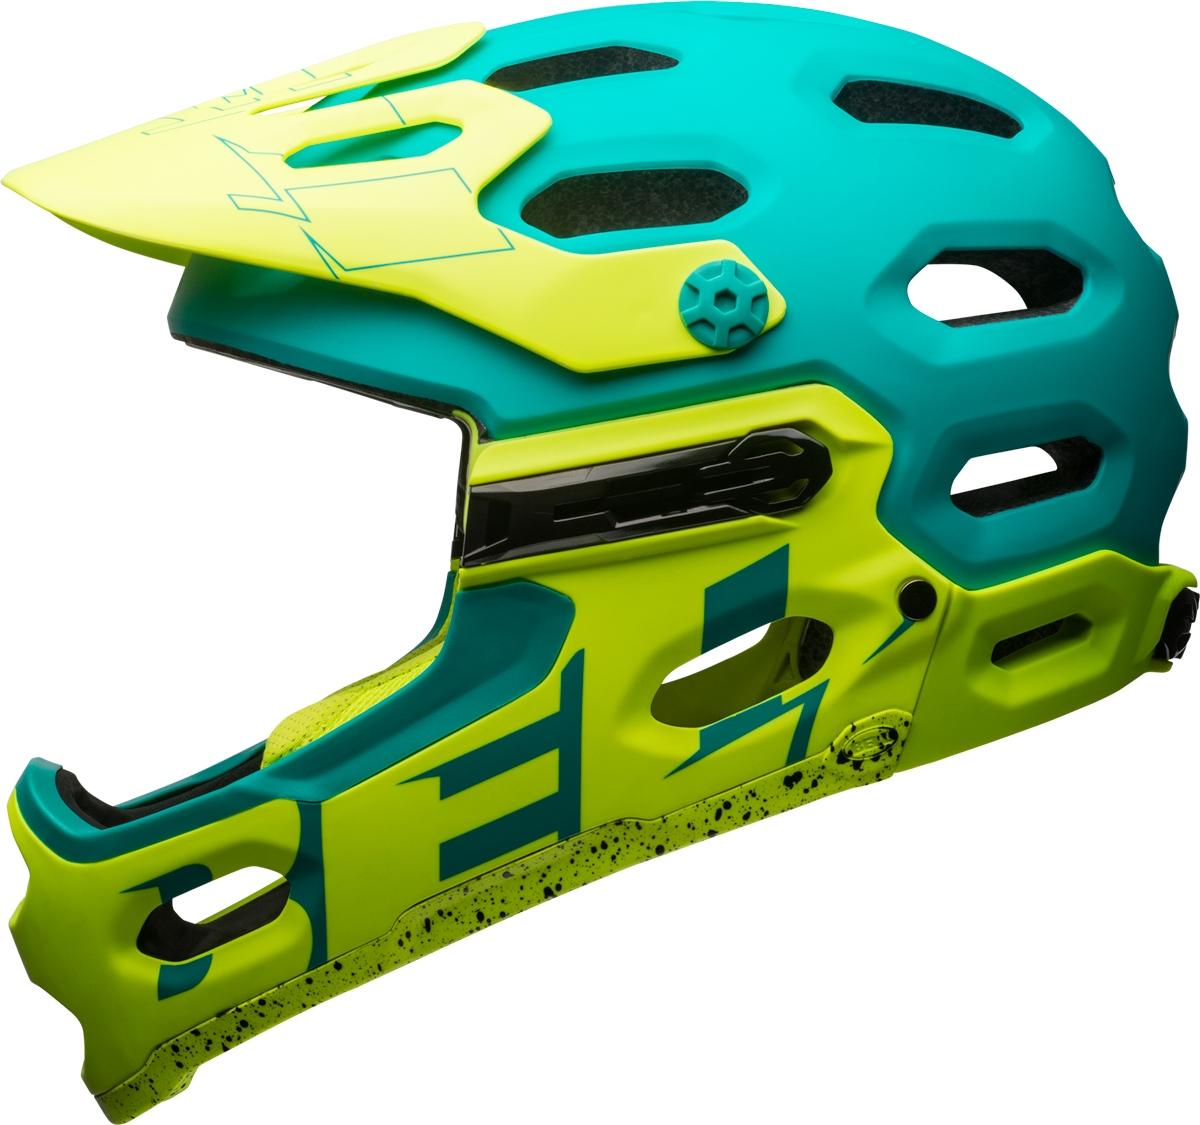 Casque Bell SUPER 3R Emerald mat/Retina Sear - M (55-59 cm)